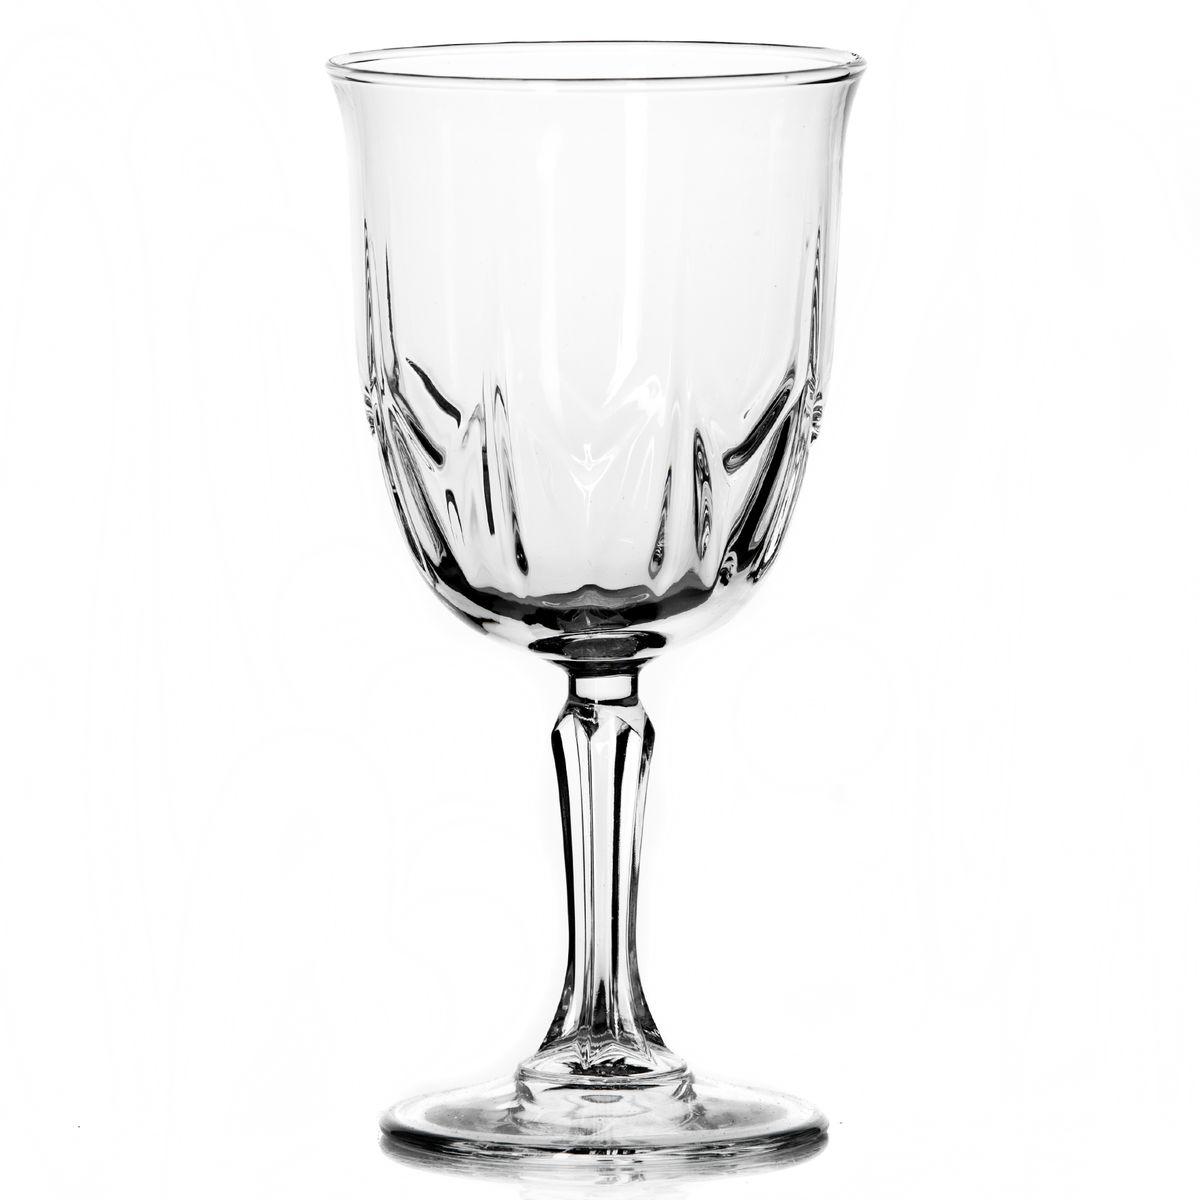 Набор бокалов Pasabahce Karat, 335 мл, 6 штVT-1520(SR)Набор Pasabahce Karat состоит из шести бокалов, выполненных из прочного натрий-кальций-силикатного стекла. Изделия оснащены рельефной поверхностью и фигурной ножкой. Бокалы сочетают в себе элегантный дизайн и функциональность. Благодаря такому набору пить напитки будет еще вкуснее.Набор бокалов Pasabahce Karat прекрасно оформит праздничный стол и создаст приятную атмосферу за романтическим ужином. Такой набор также станет хорошим подарком к любому случаю. Можно мыть в посудомоечной машине.Диаметр бокала (по верхнему краю): 8,5 см. Высота бокала: 18 см.